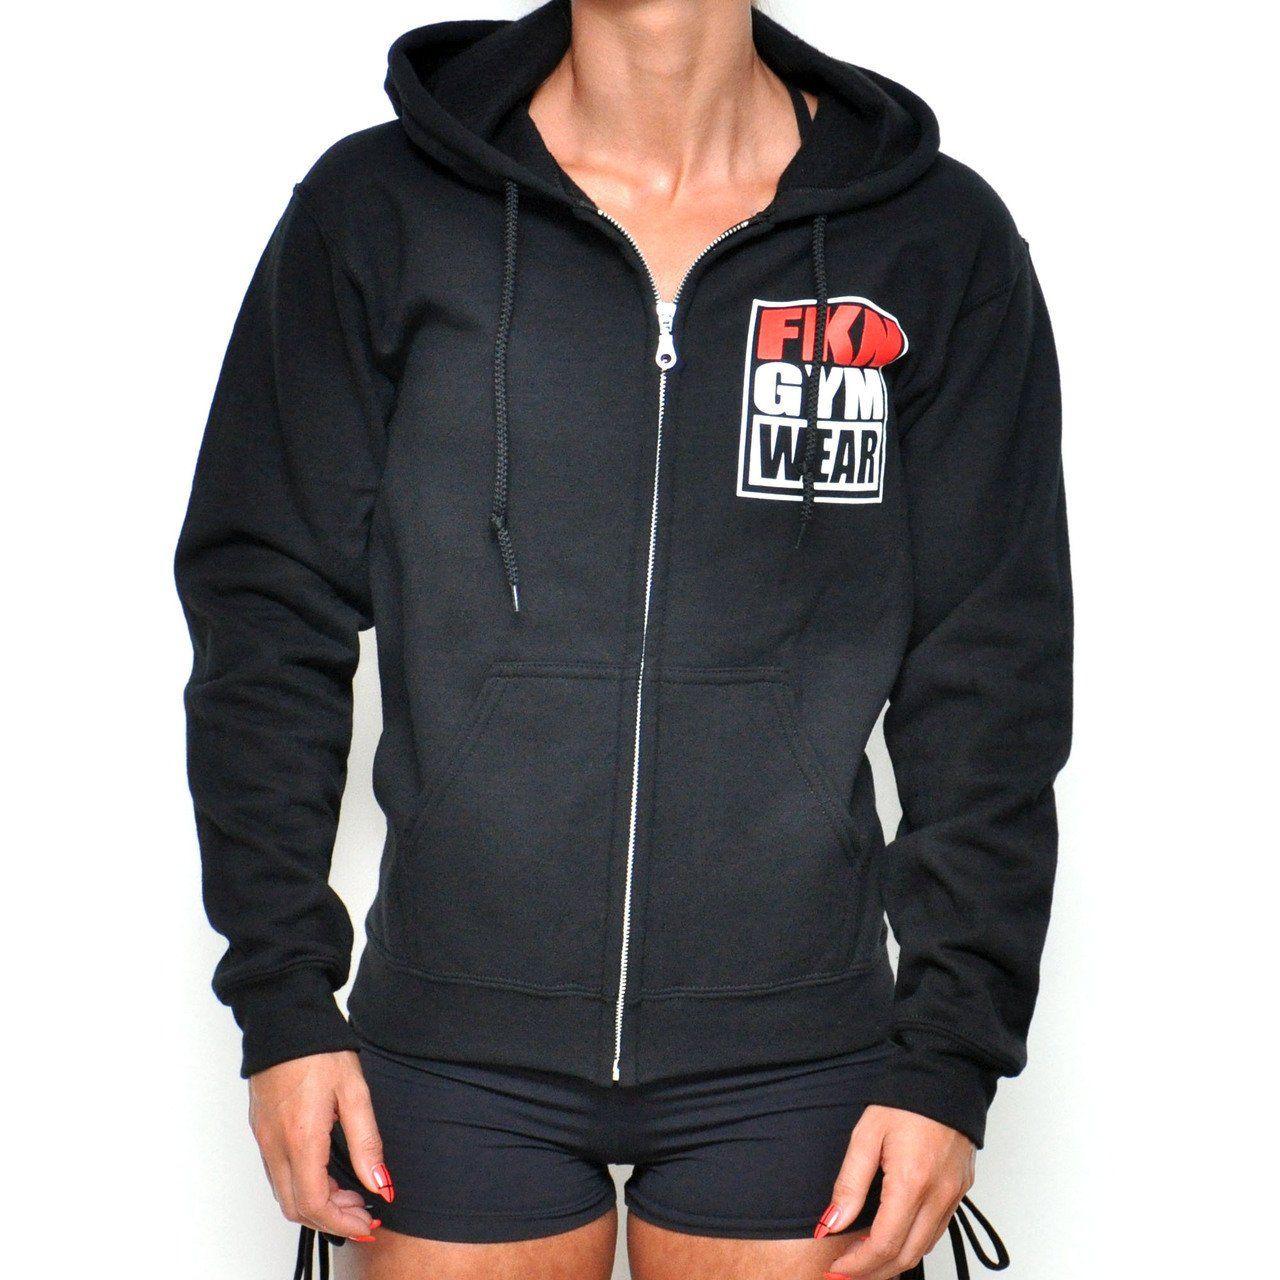 193f42a5 FKN Gym Wear Long Sleeve Zip Up Hoodie | Zip Up Hoodies | Gym wear ...